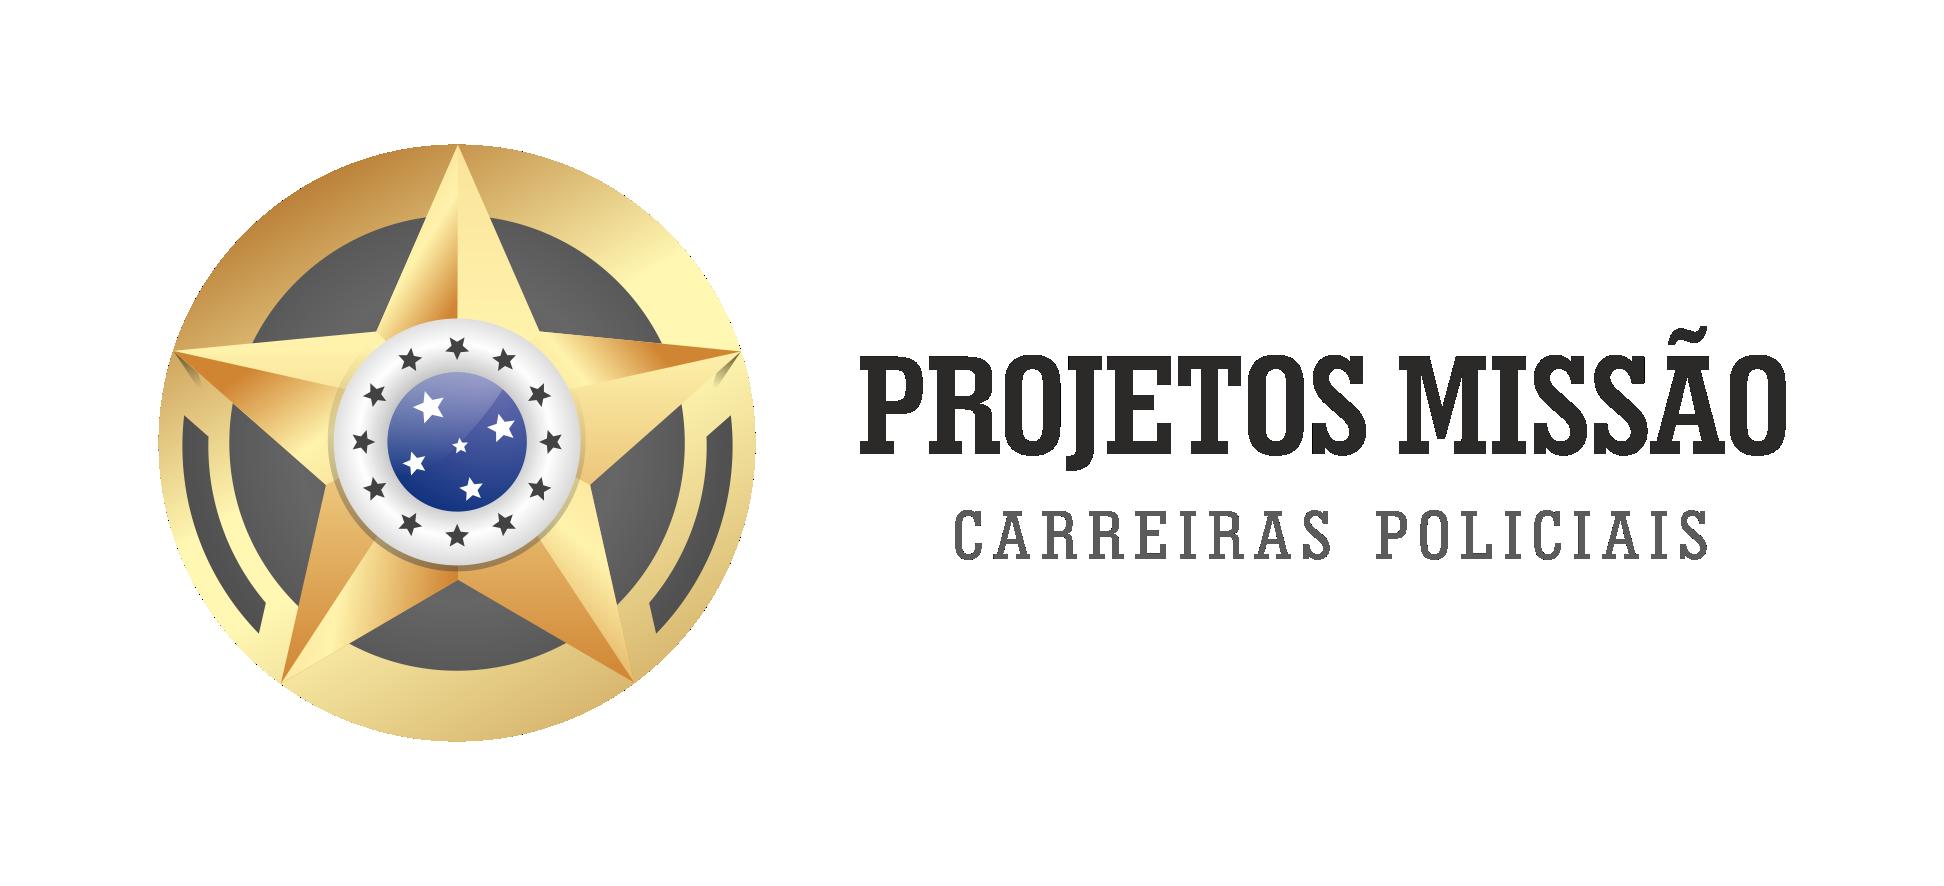 Logotipo - Projetos Missão - Fundo Transparente